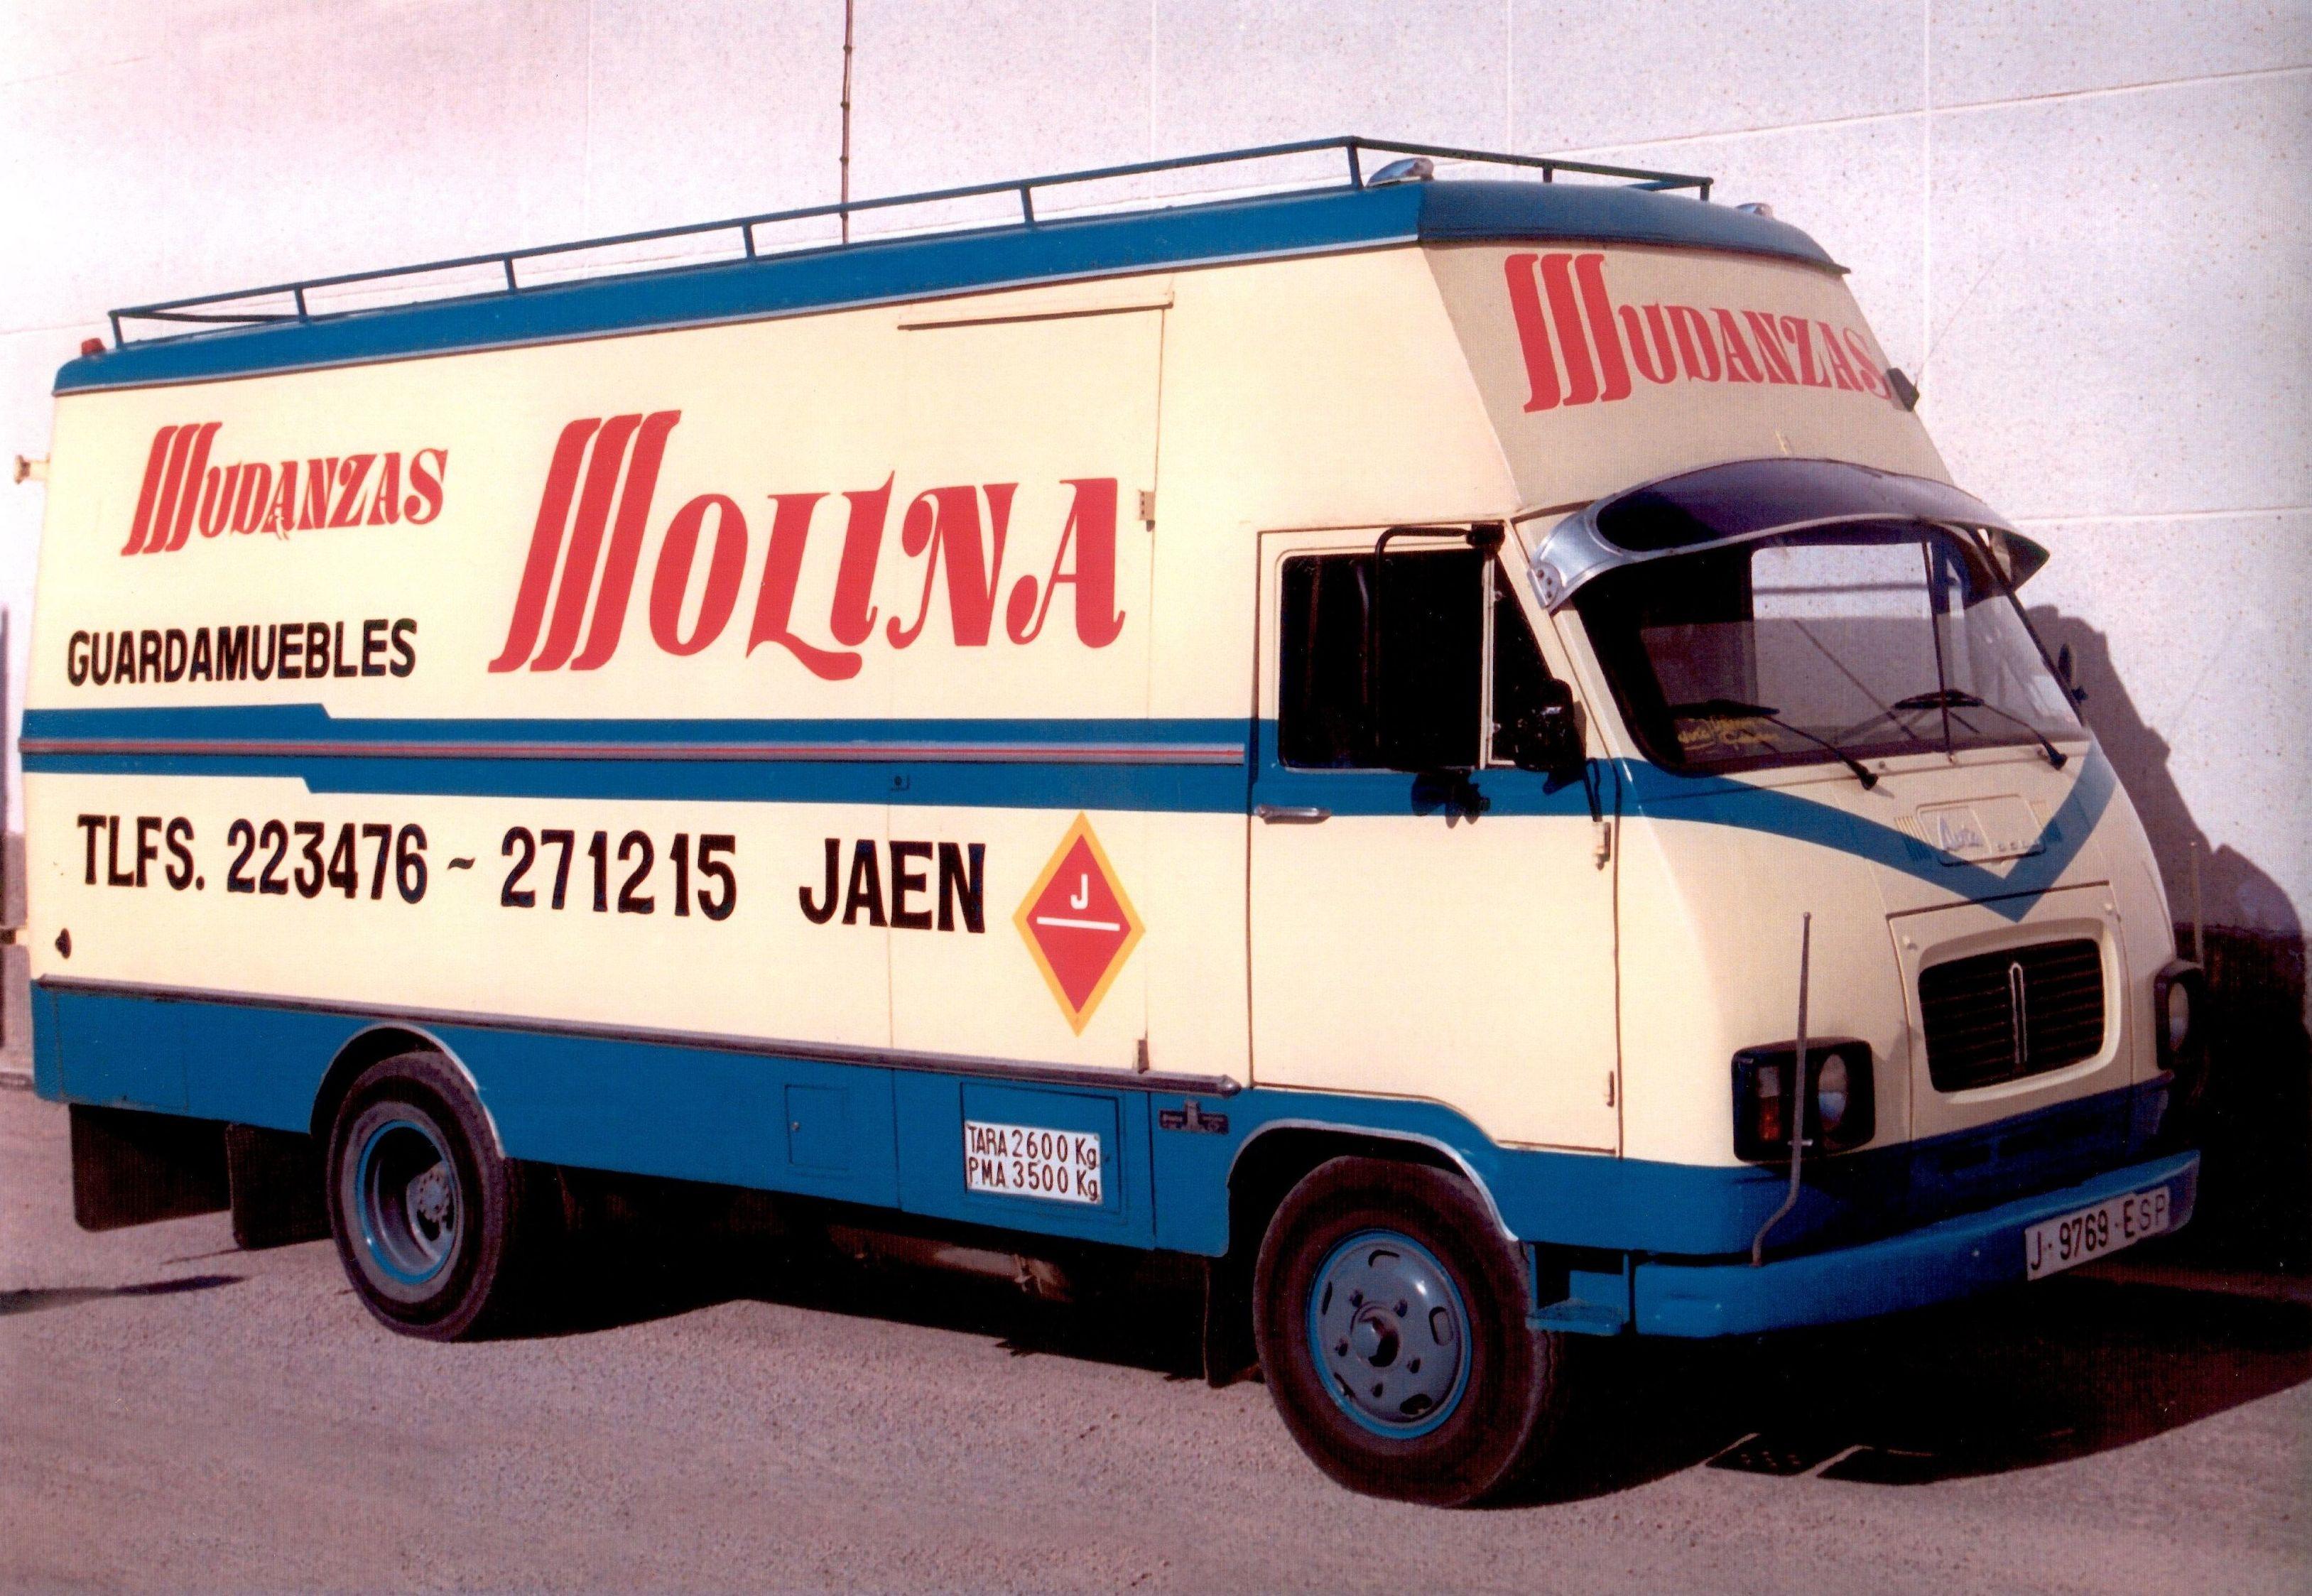 Siguiendo la Evolucion de Mudanzas Molina años 90